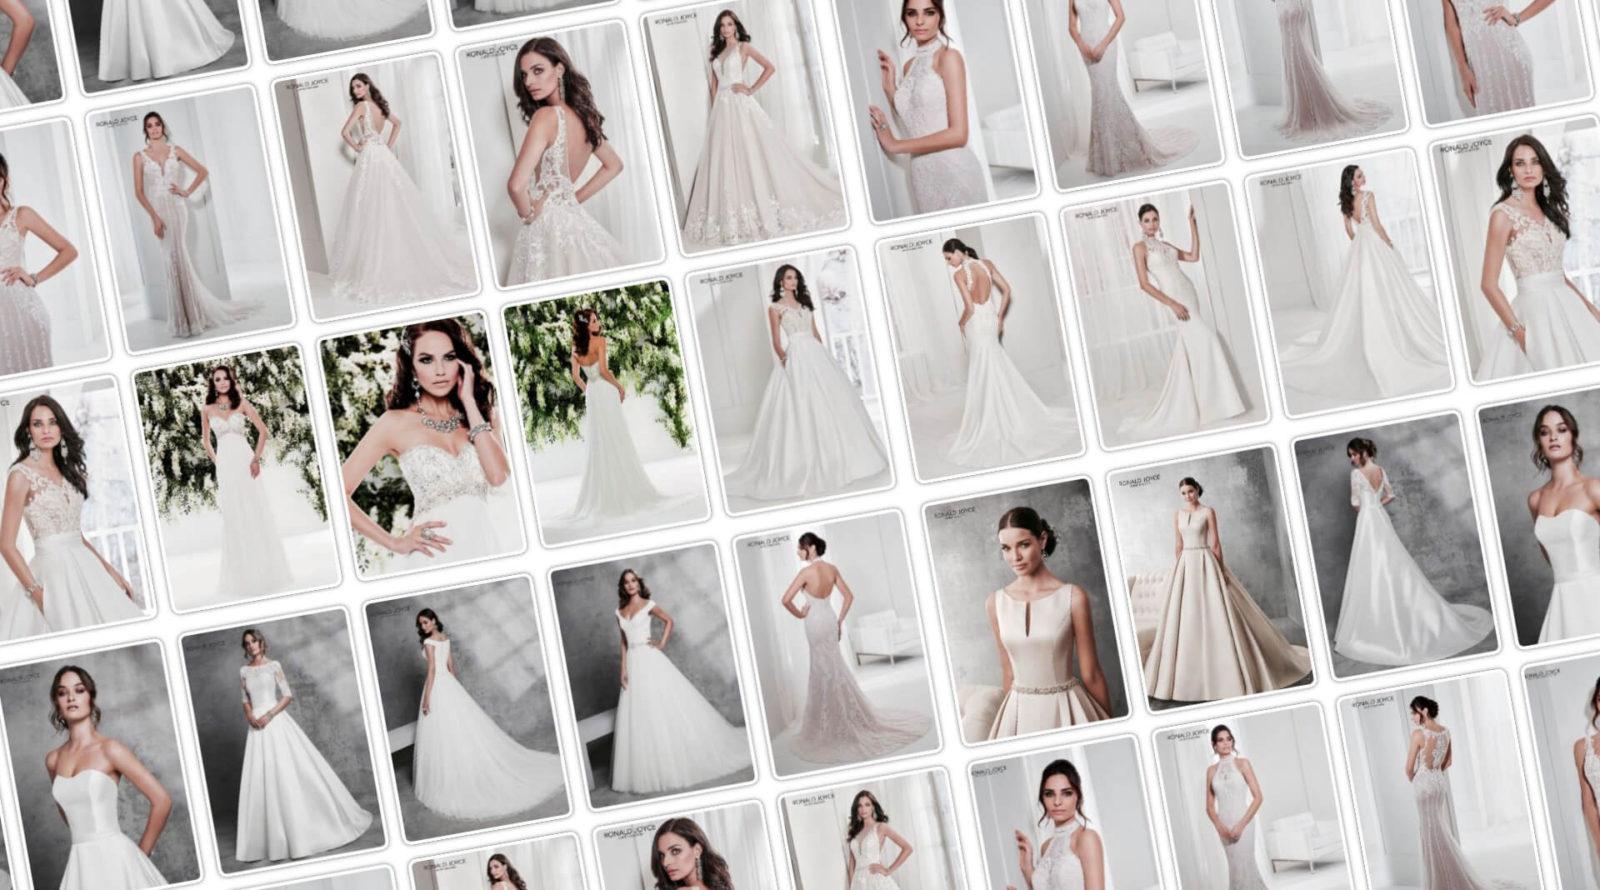 Az Eklektika eskuvoi ruhaszalon Ronald Joyce menyasszonyi ruha kollekciojanak slidere.